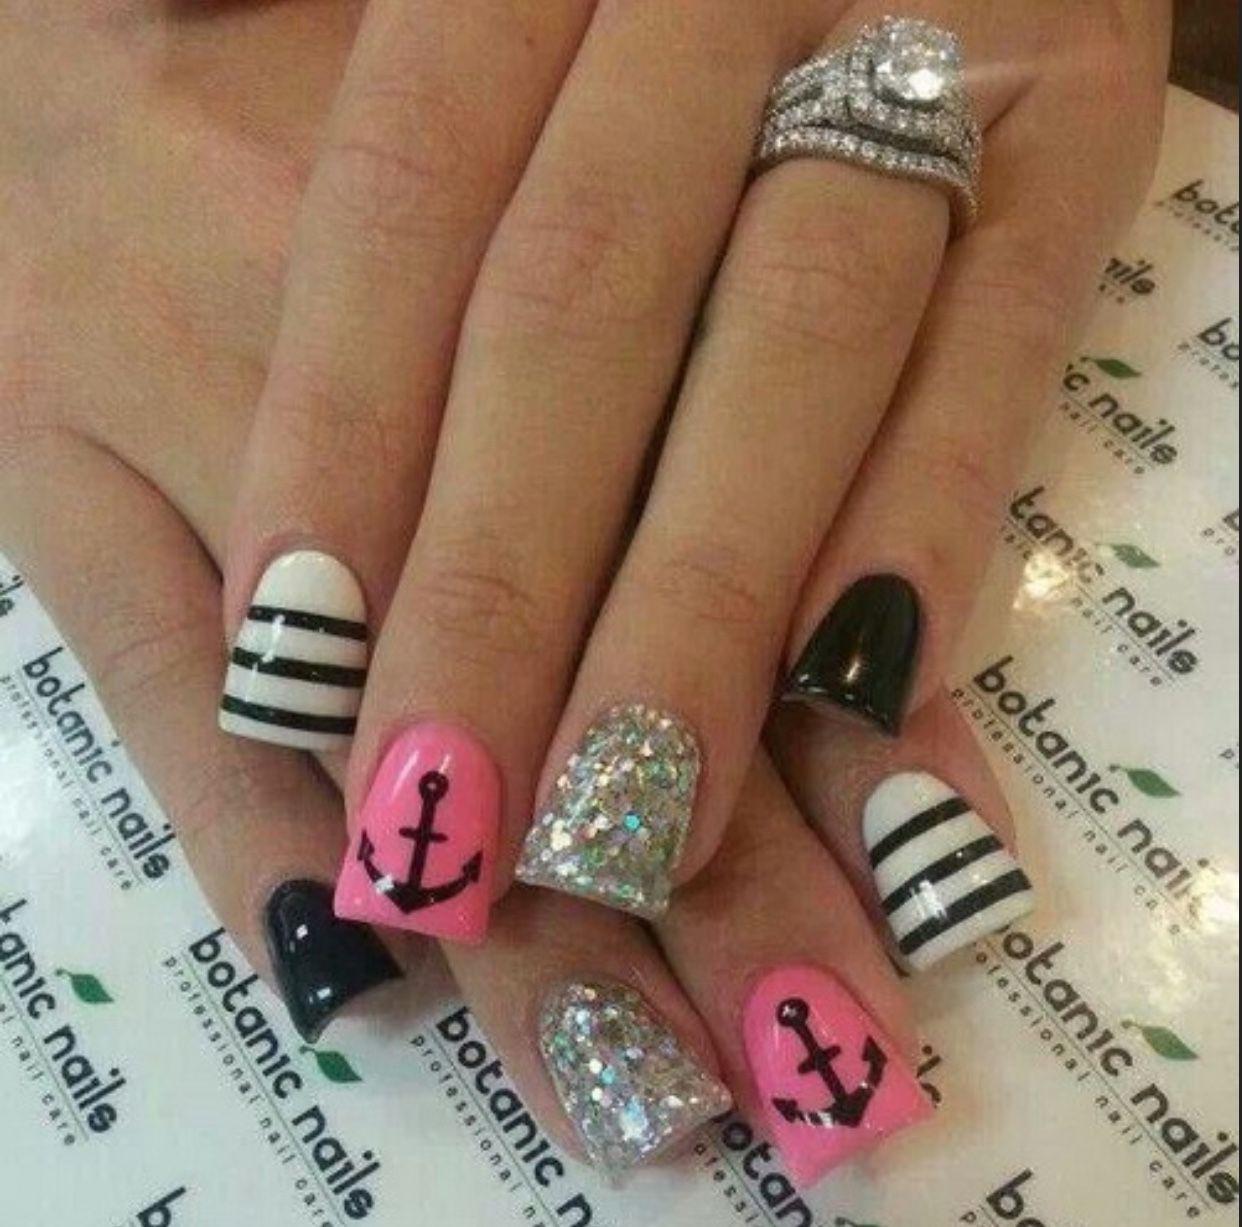 nails.quenalbertini: Nail Art Design by botanicnails | nails ...